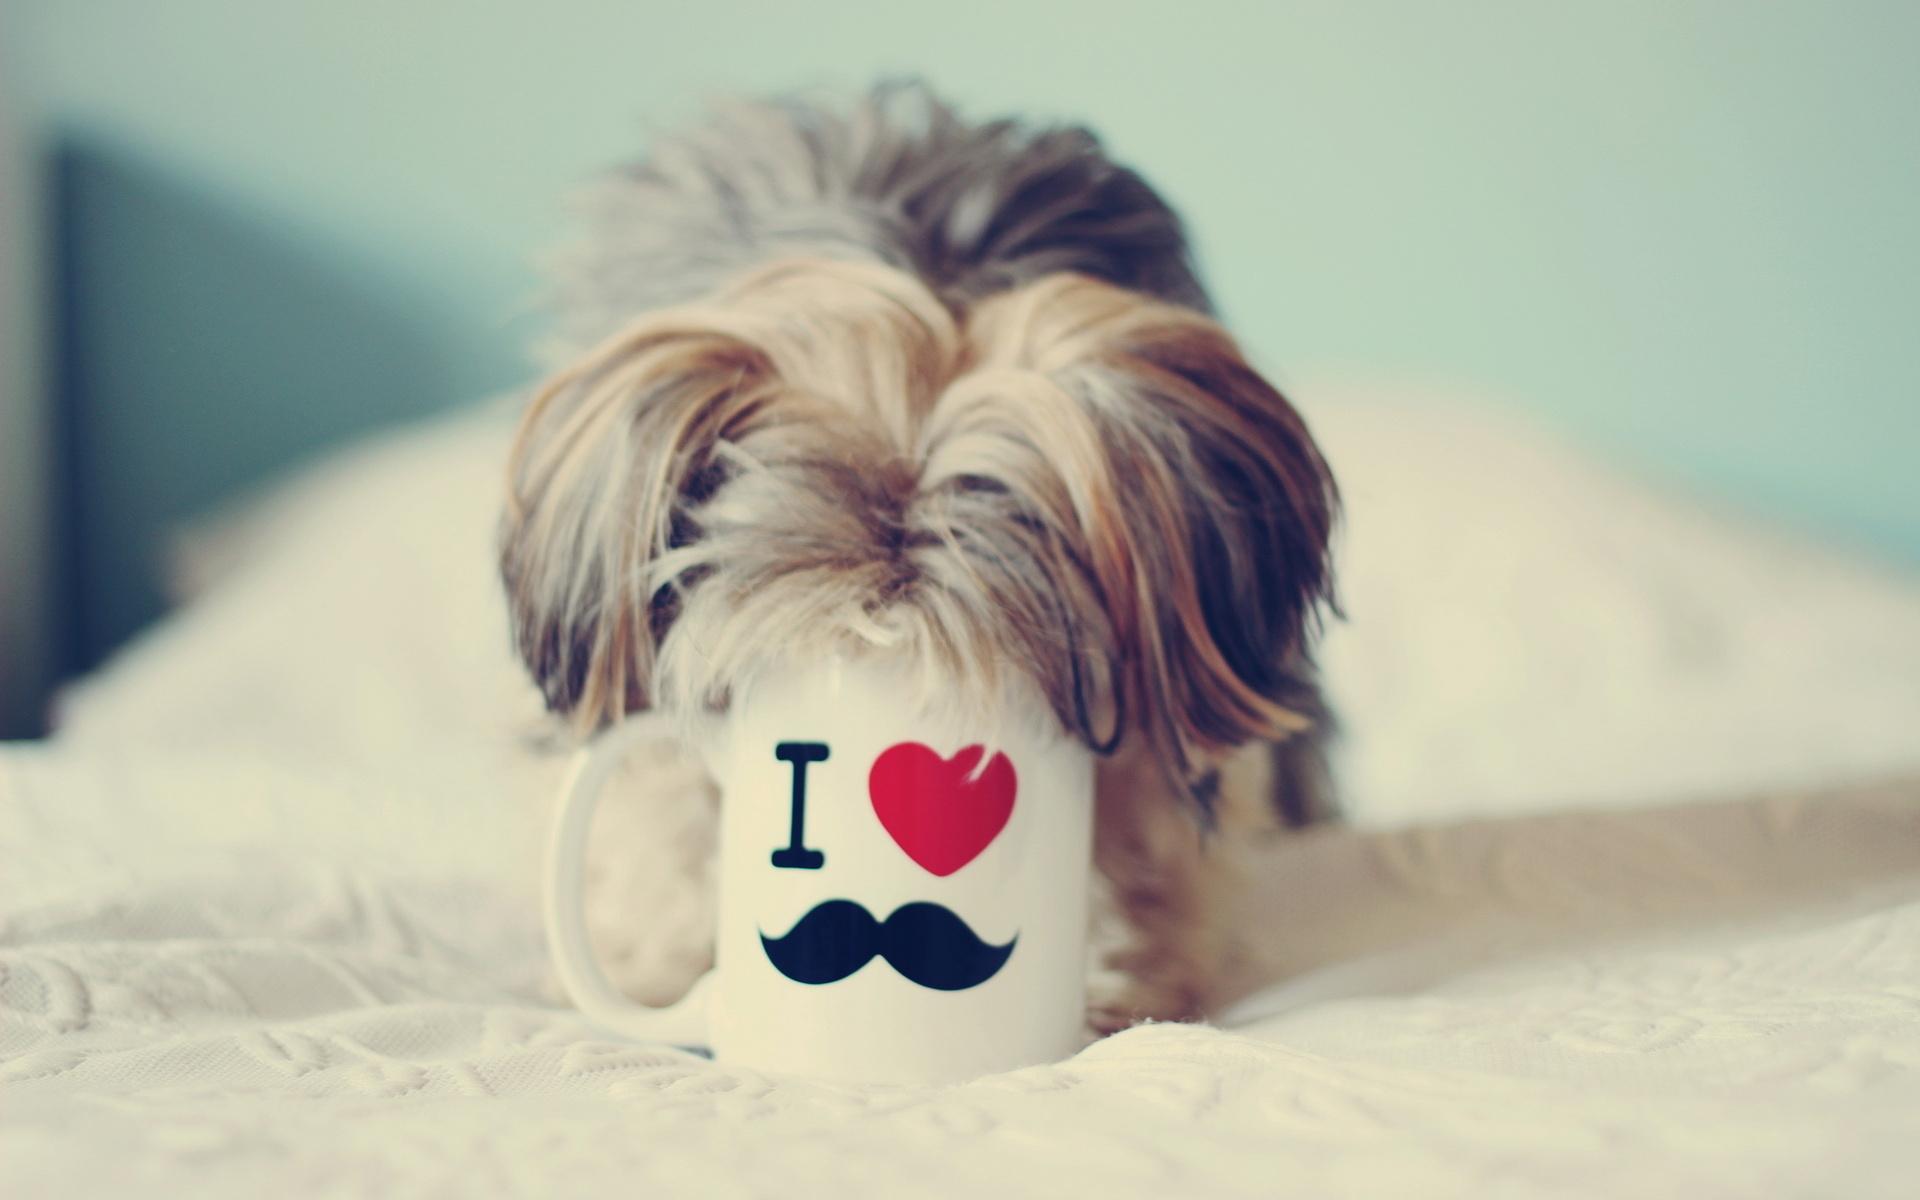 download wallpaper: hondje met kop in mok wallpaper